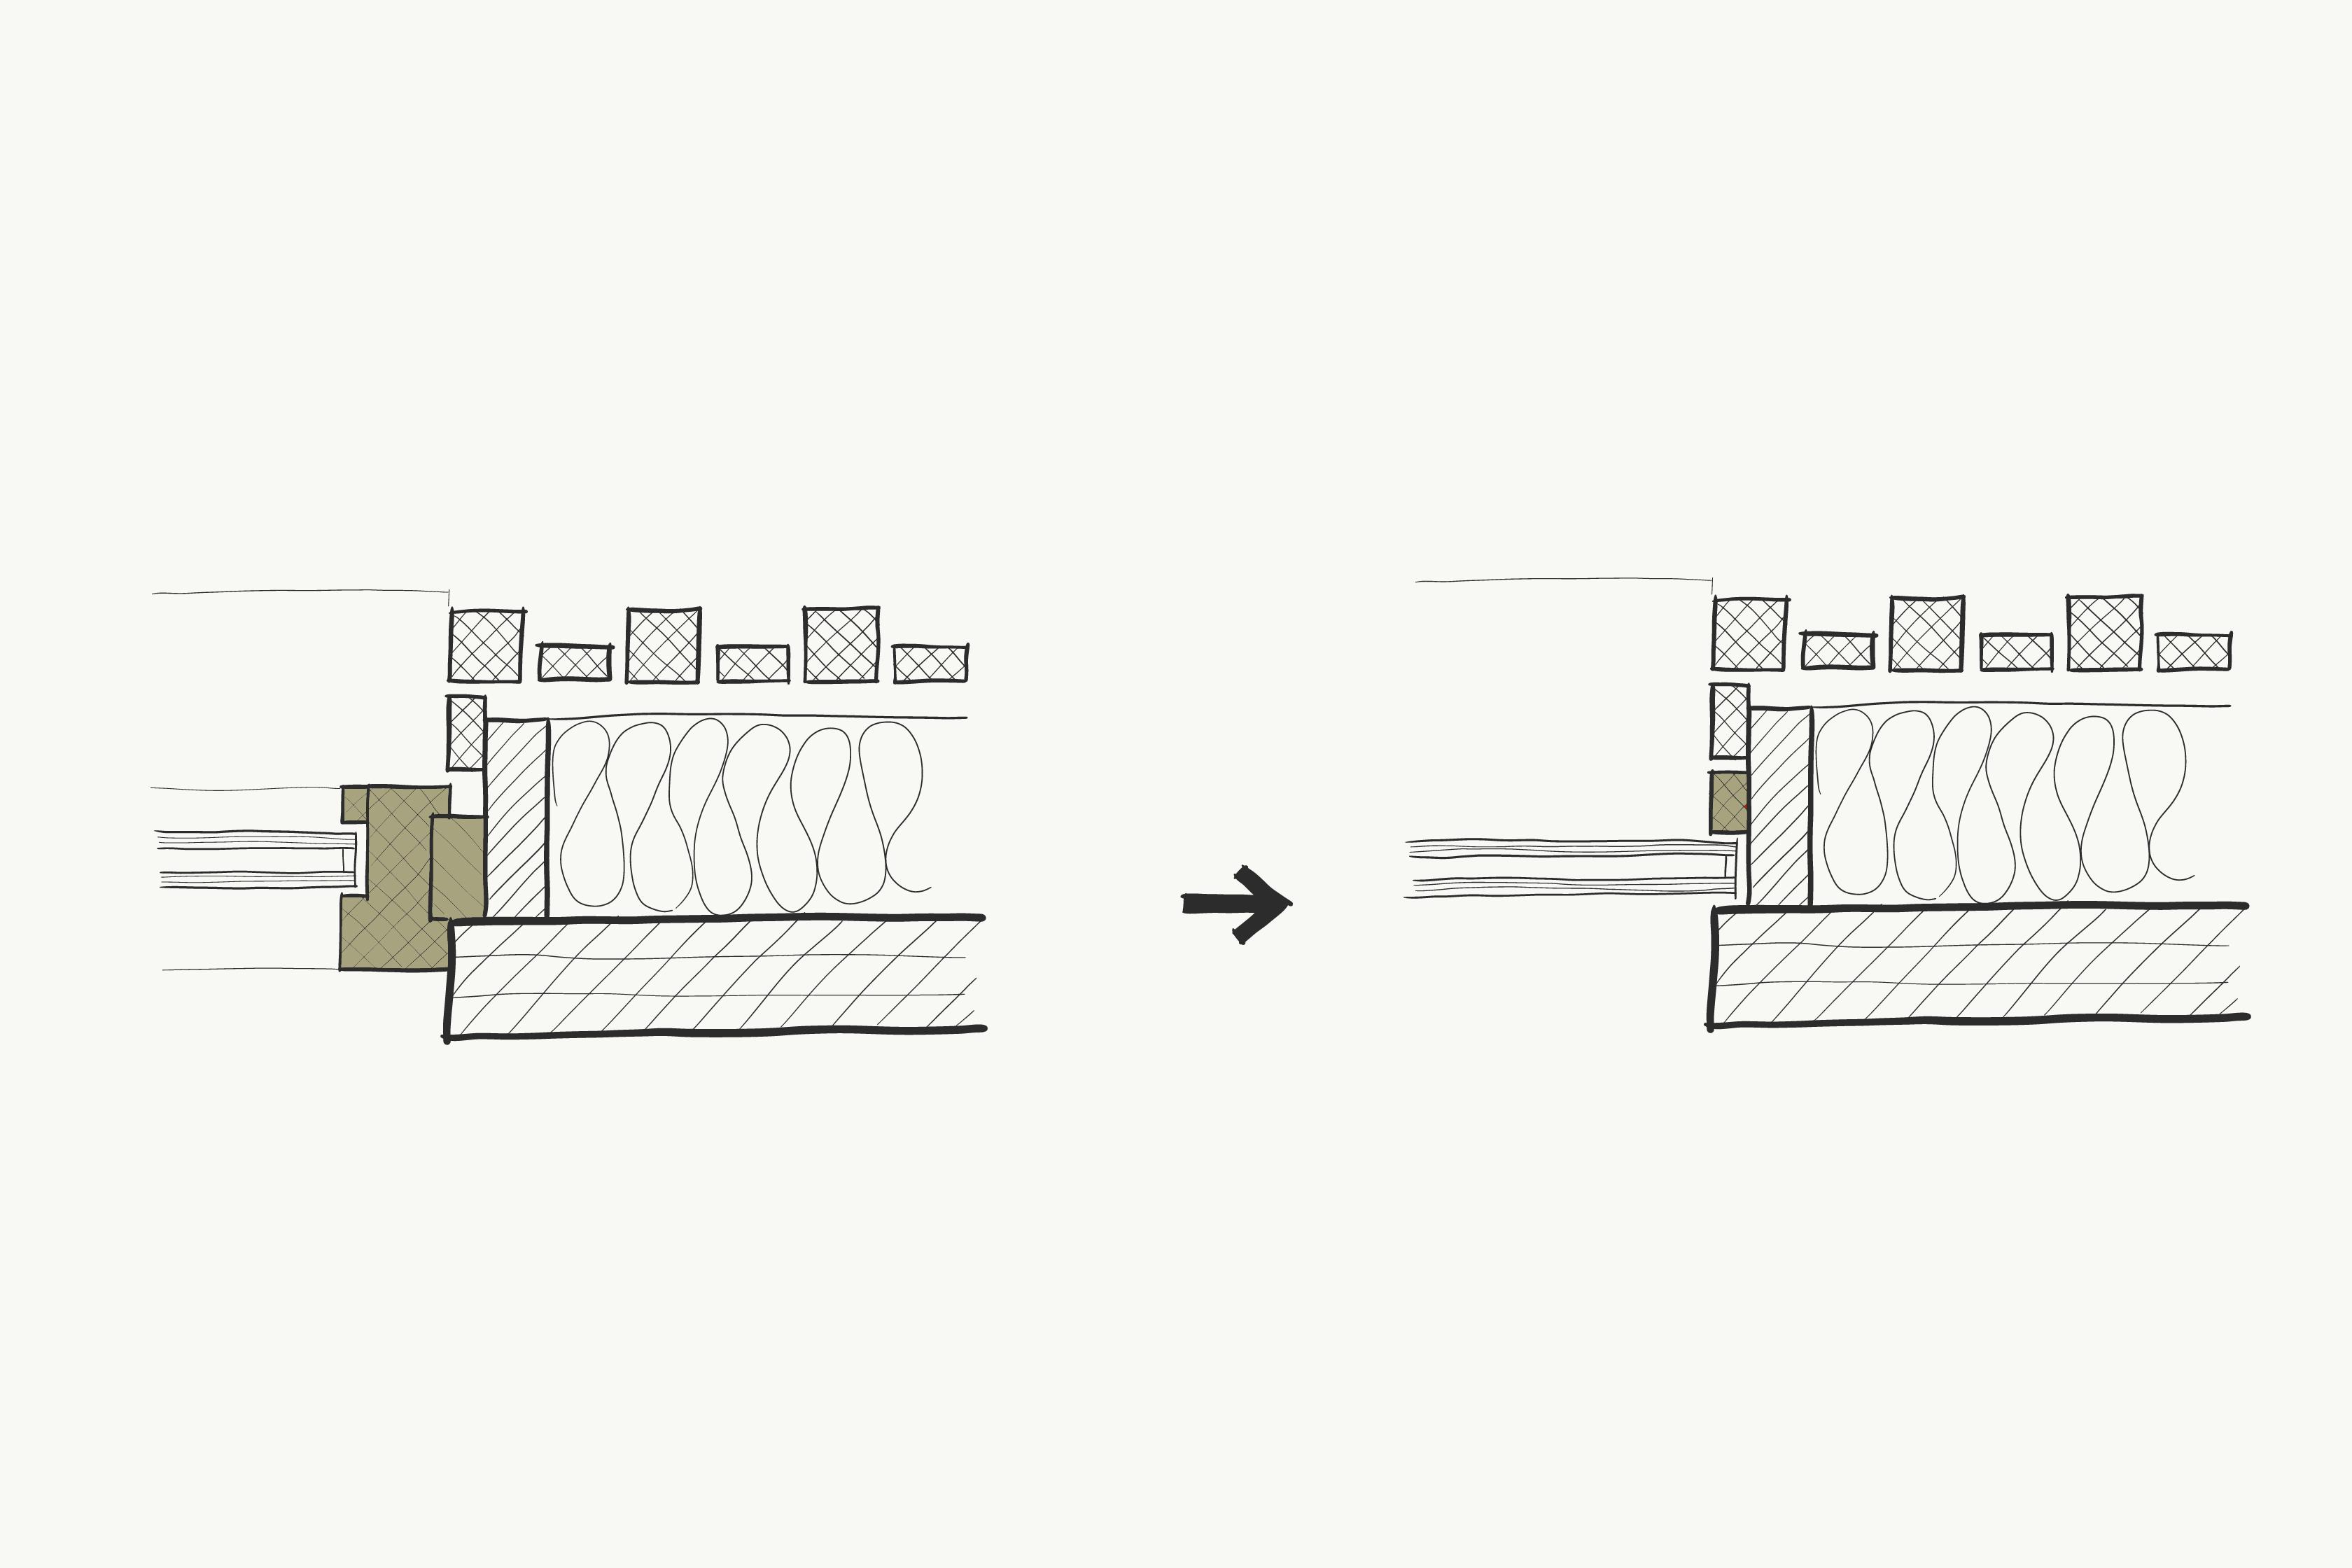 Met uitzondering van de schuifpui zijn er geen kozijnen toegepast. Het glas is rechtstreeks in het massieve hout geplaatst.